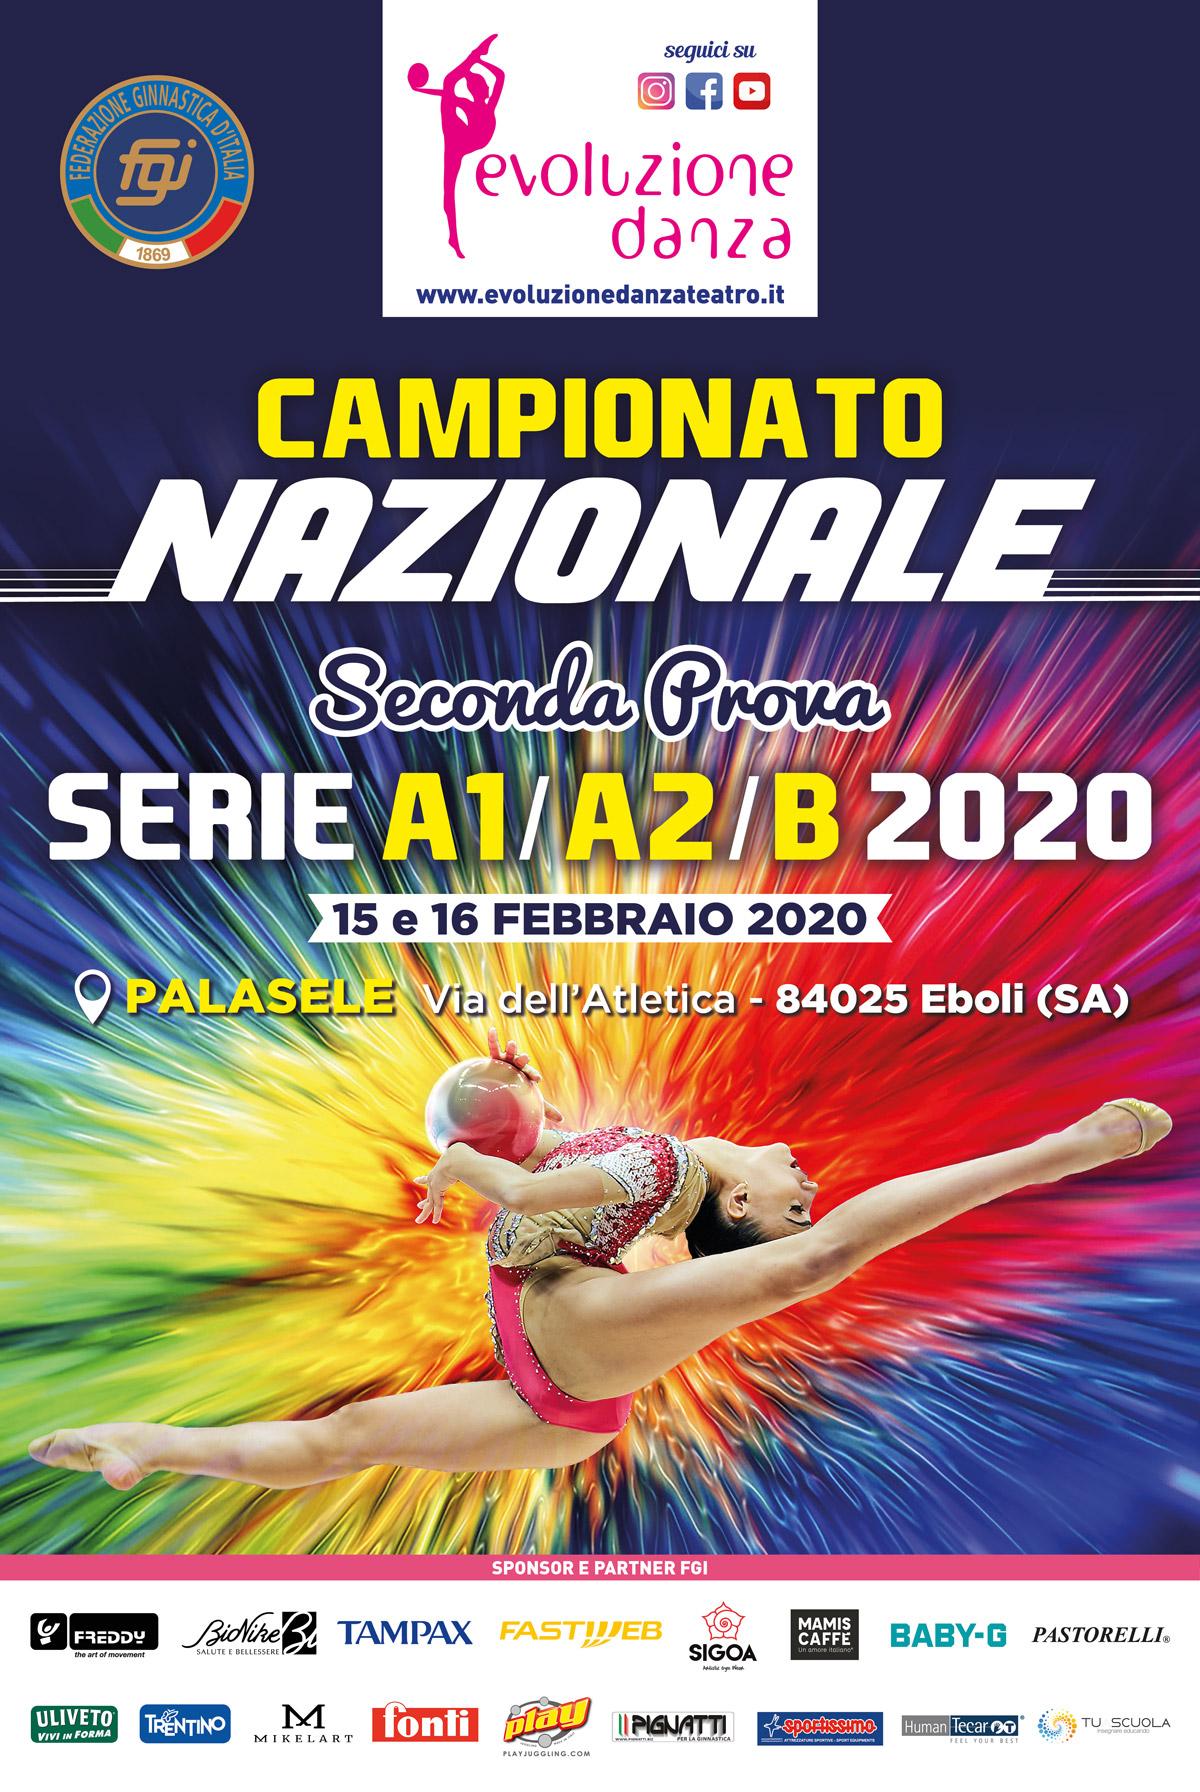 locandina-campionato-nazionale-lq